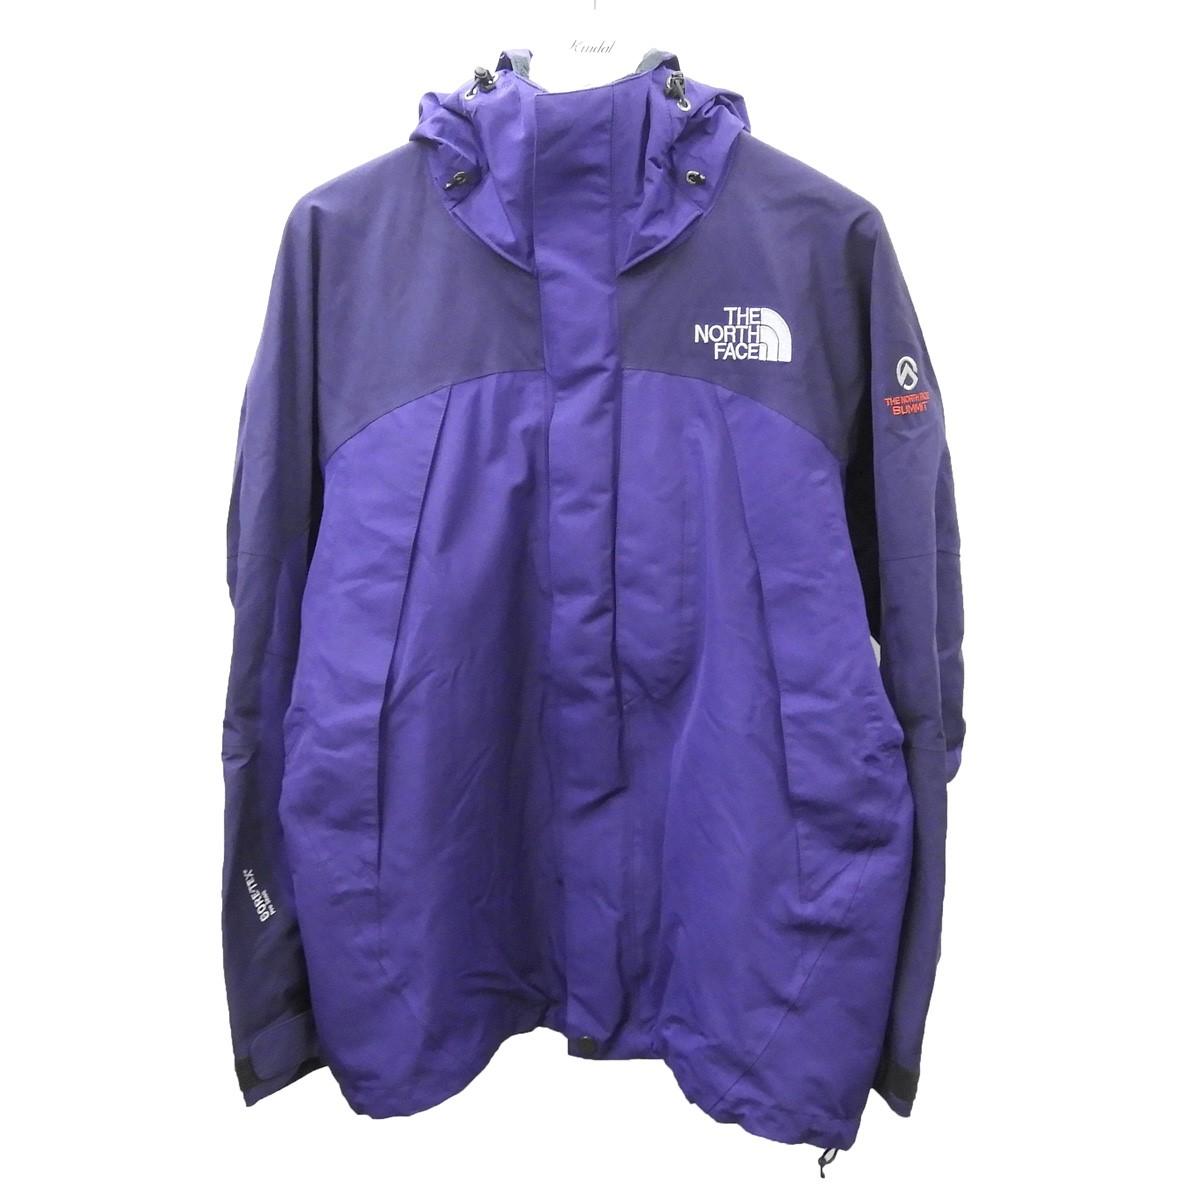 【中古】THE NORTH FACE 「SUMMIT SERIES Mountain Jacket」 GORE-TEXマウンテンジャケット パープル サイズ:M 【300720】(ザノースフェイス)